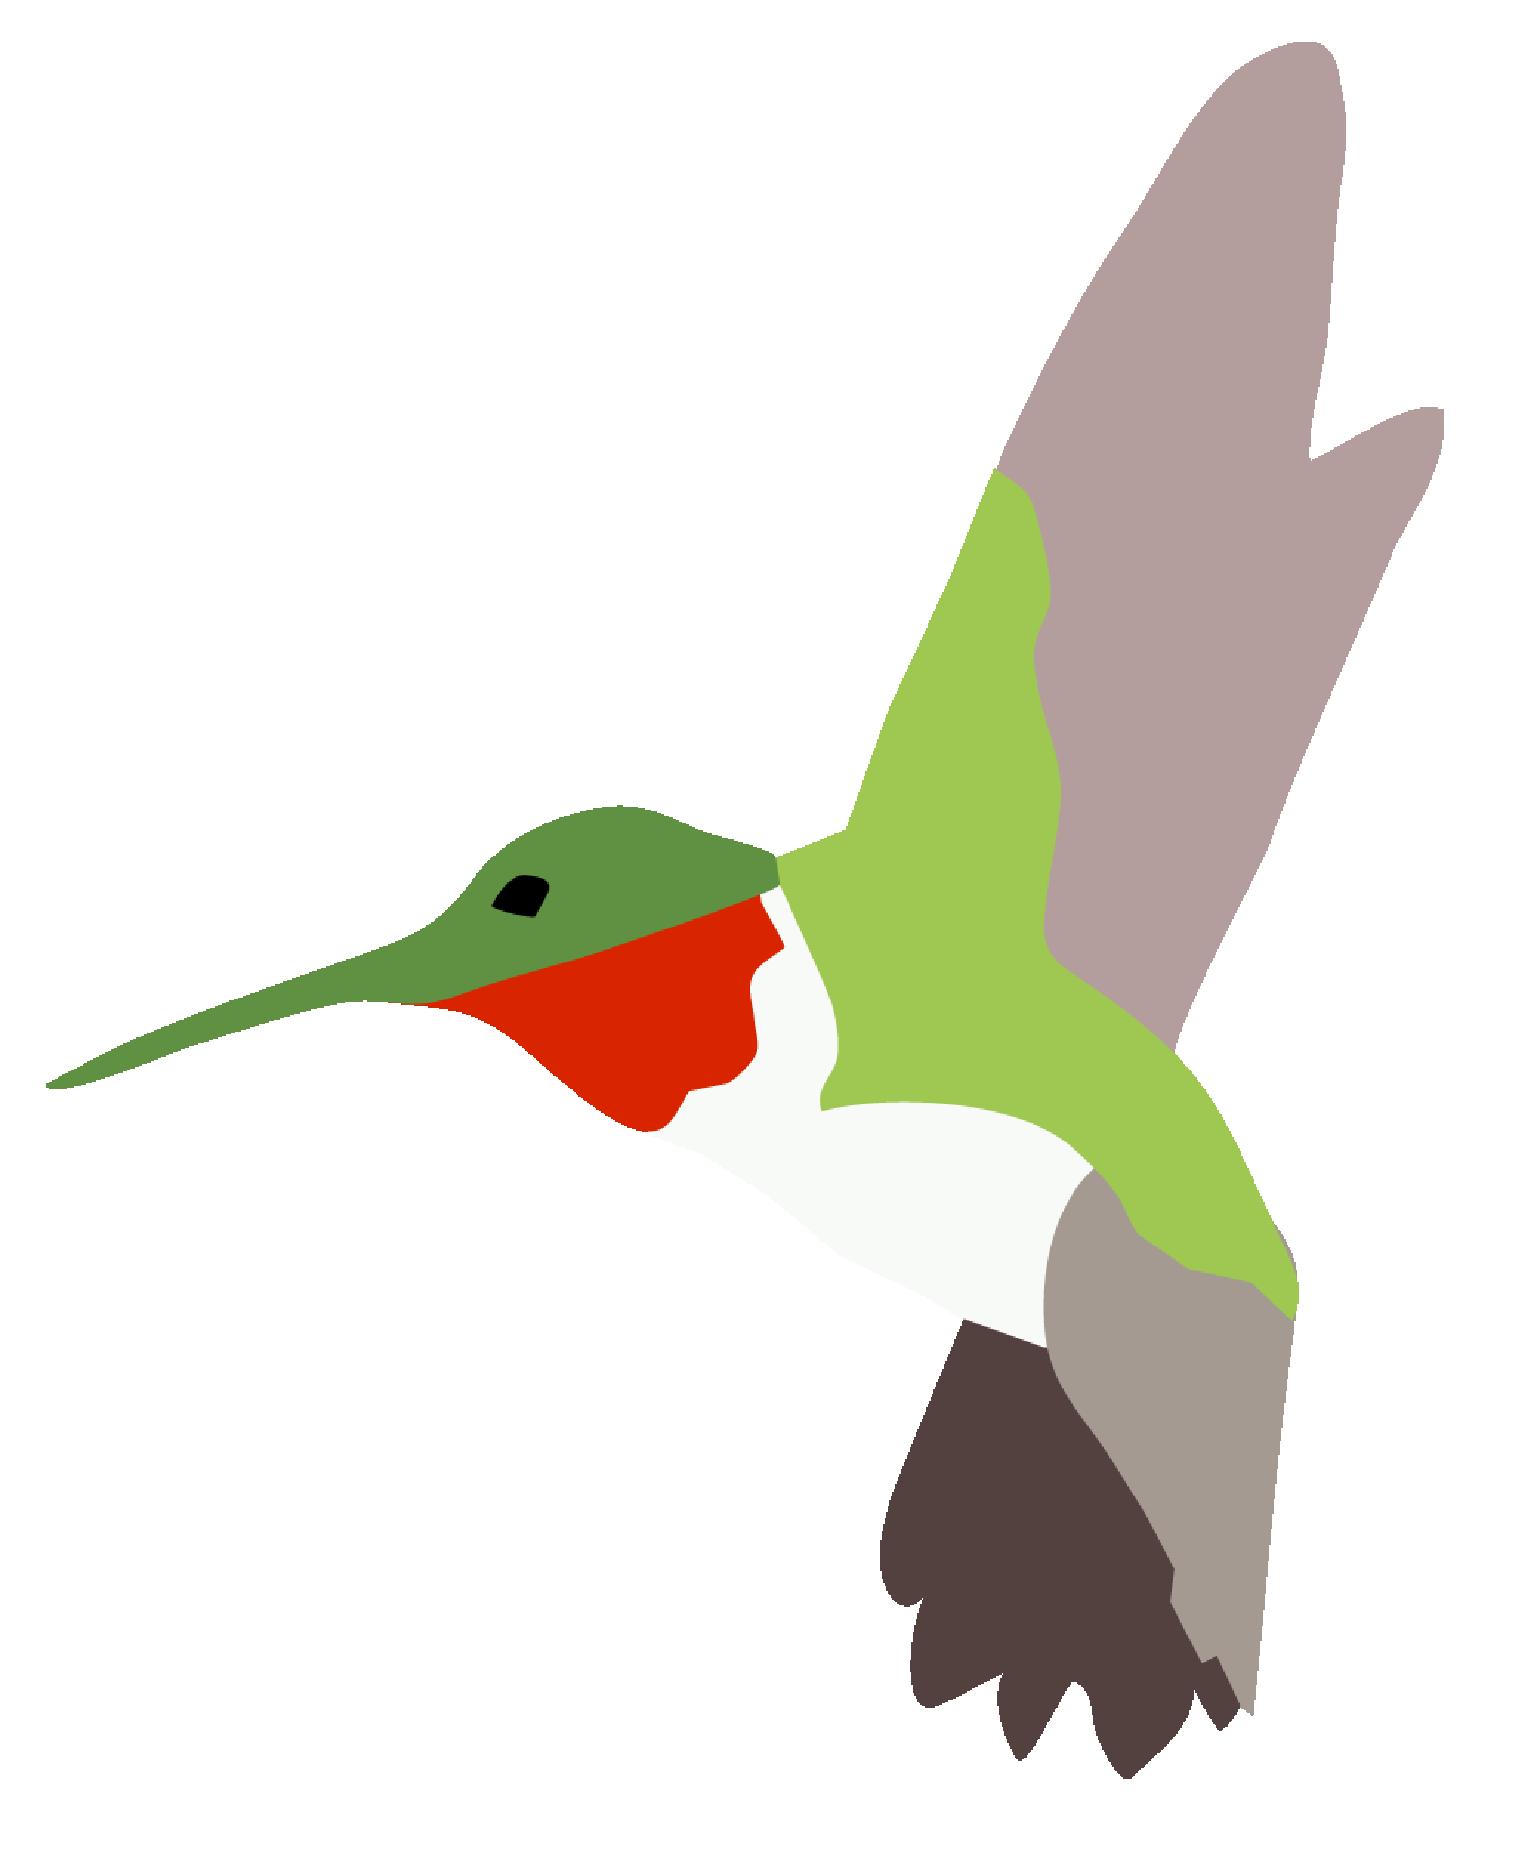 Hummingbird_facing_left-01.png